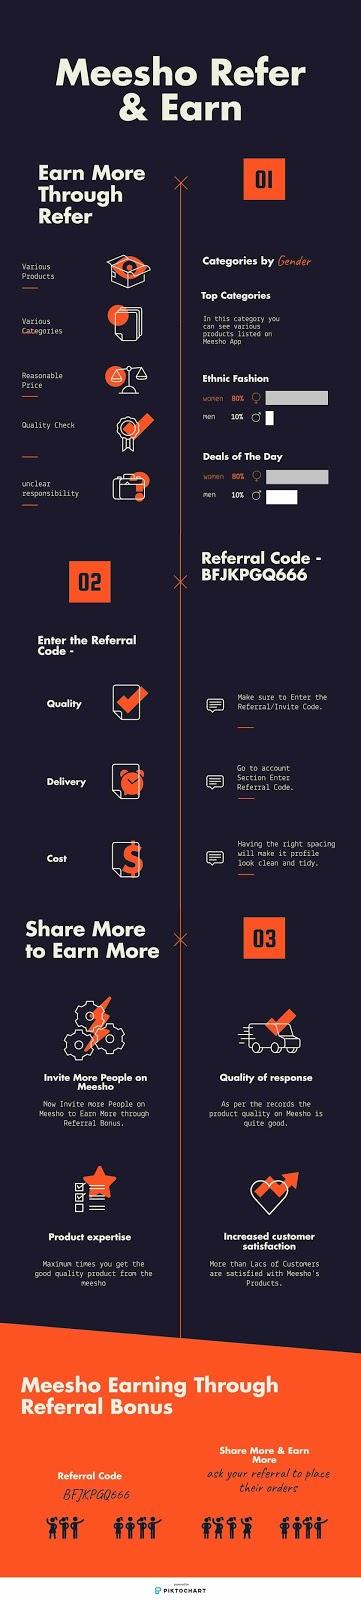 Meesho App Loot - Refer & Earn + Referral Code